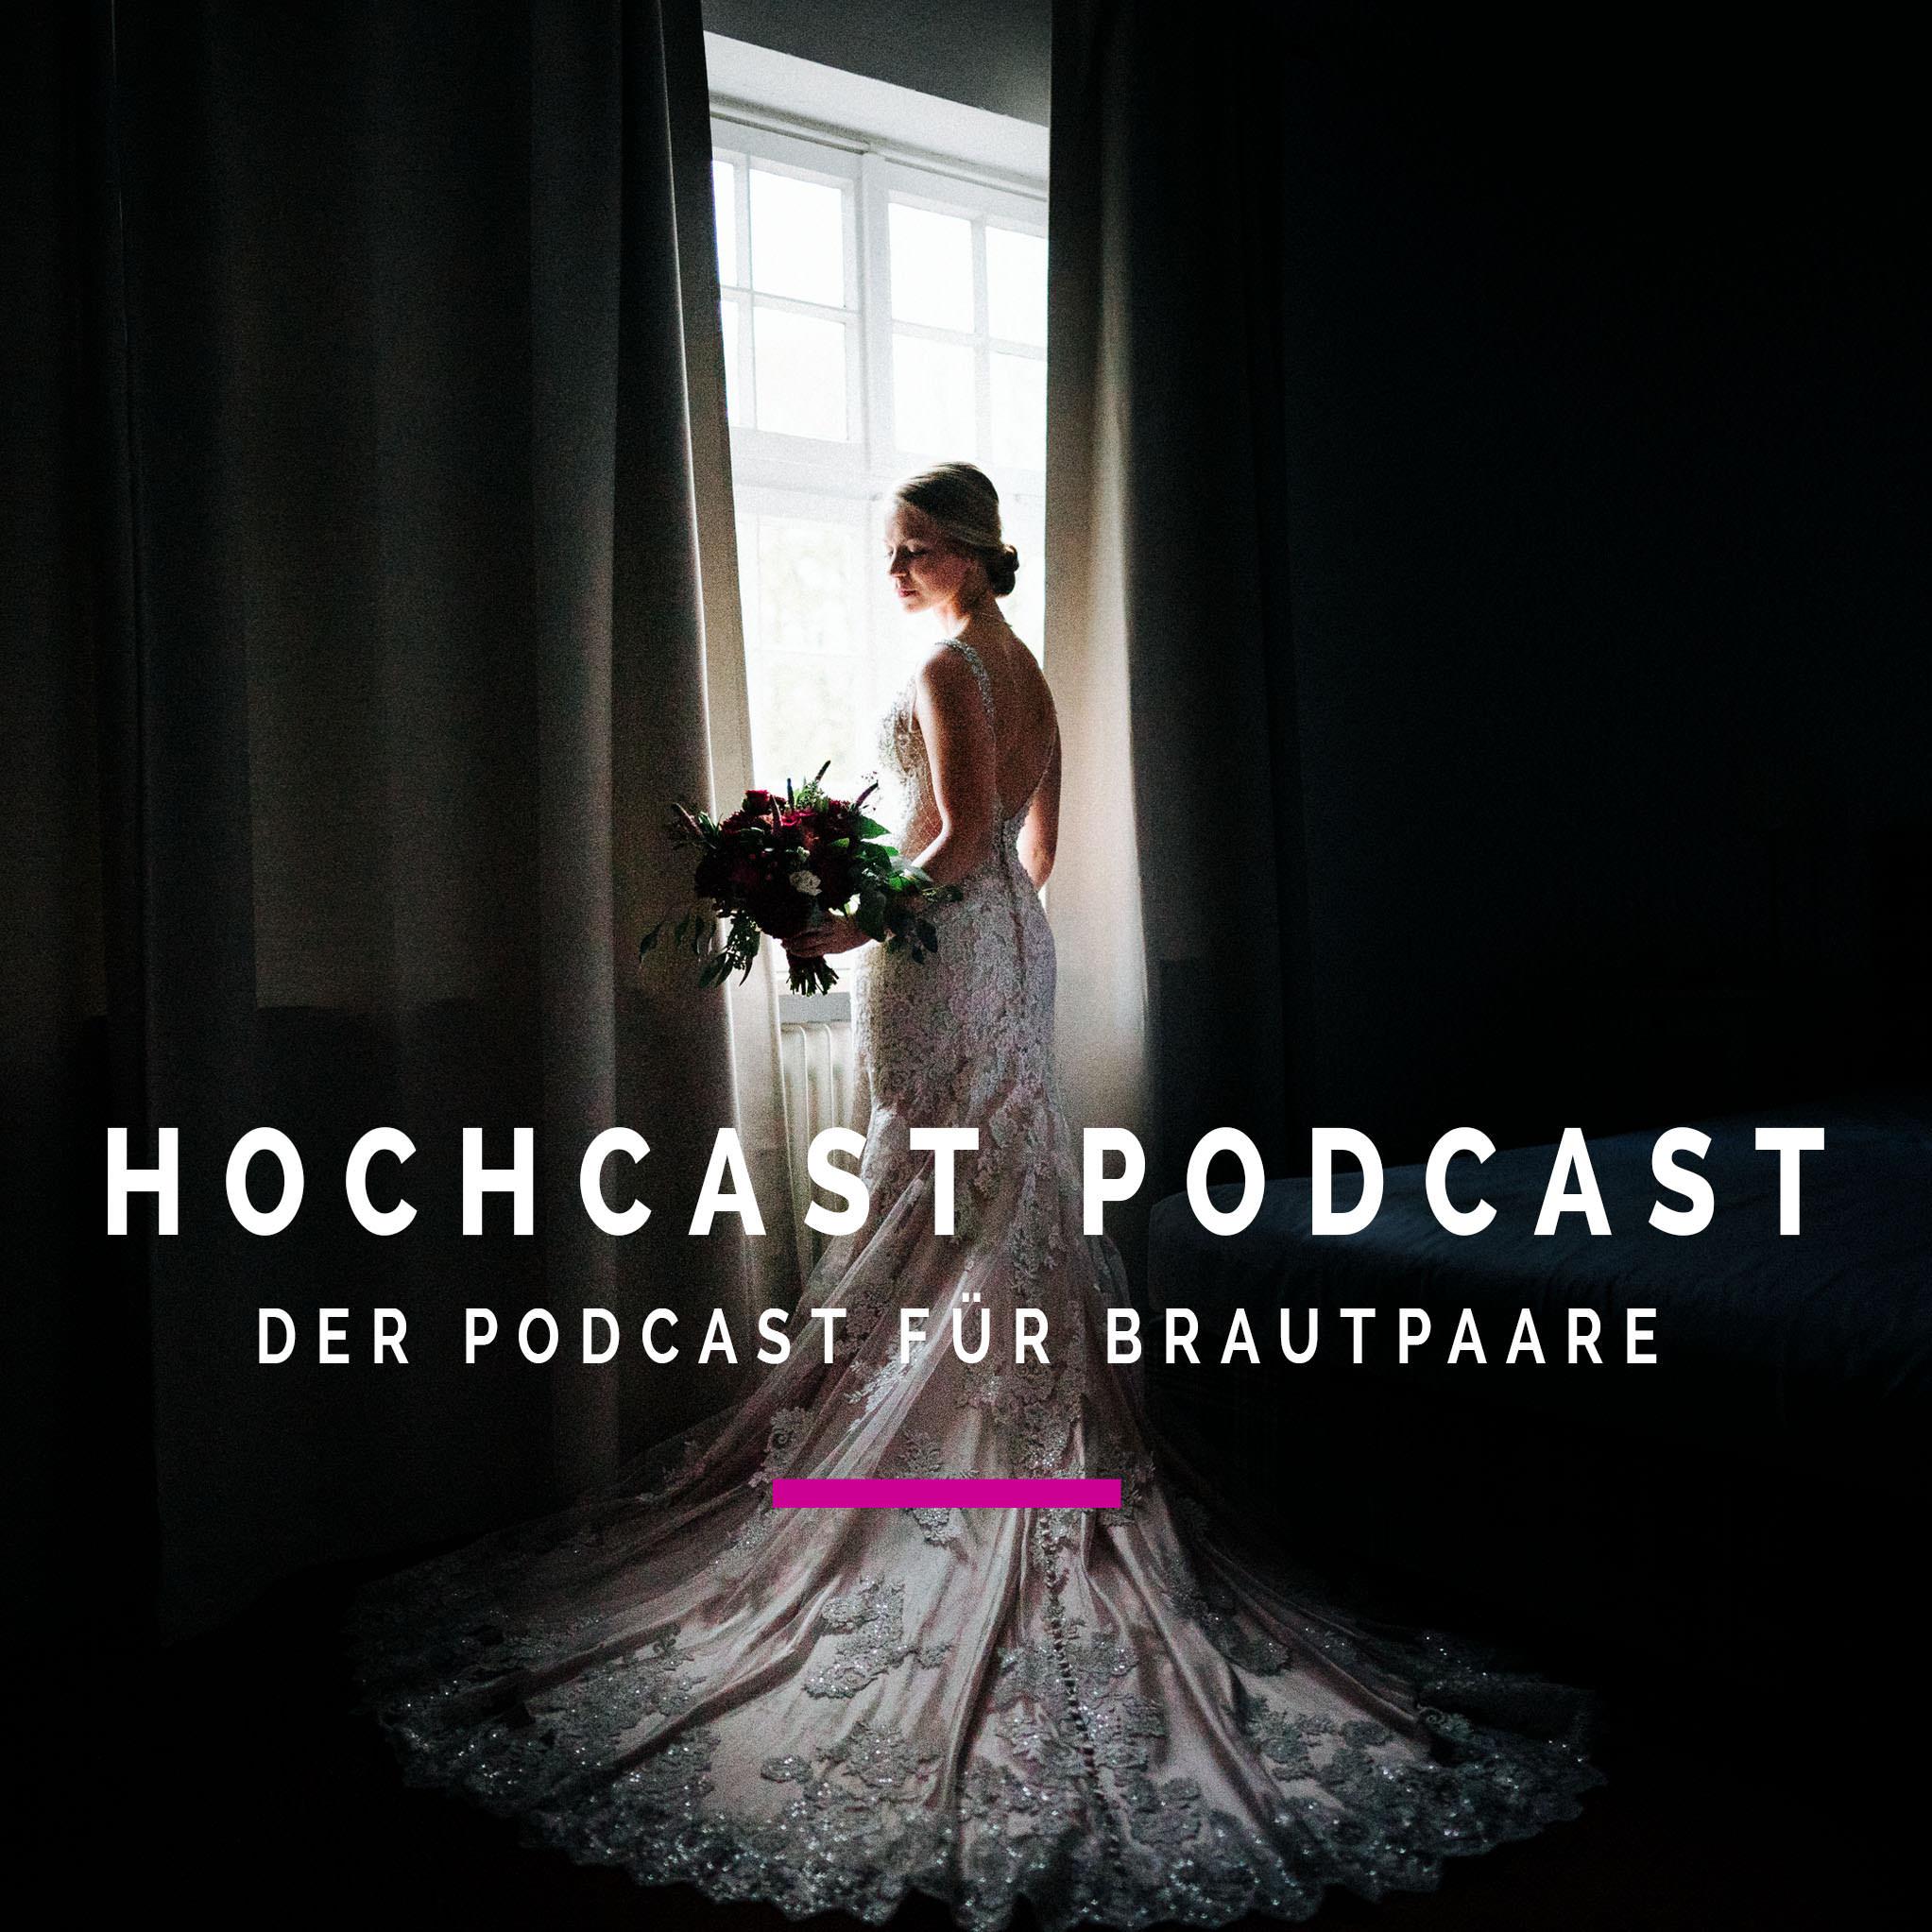 Hochcast Podcast - Der Podcast für Brautpaare